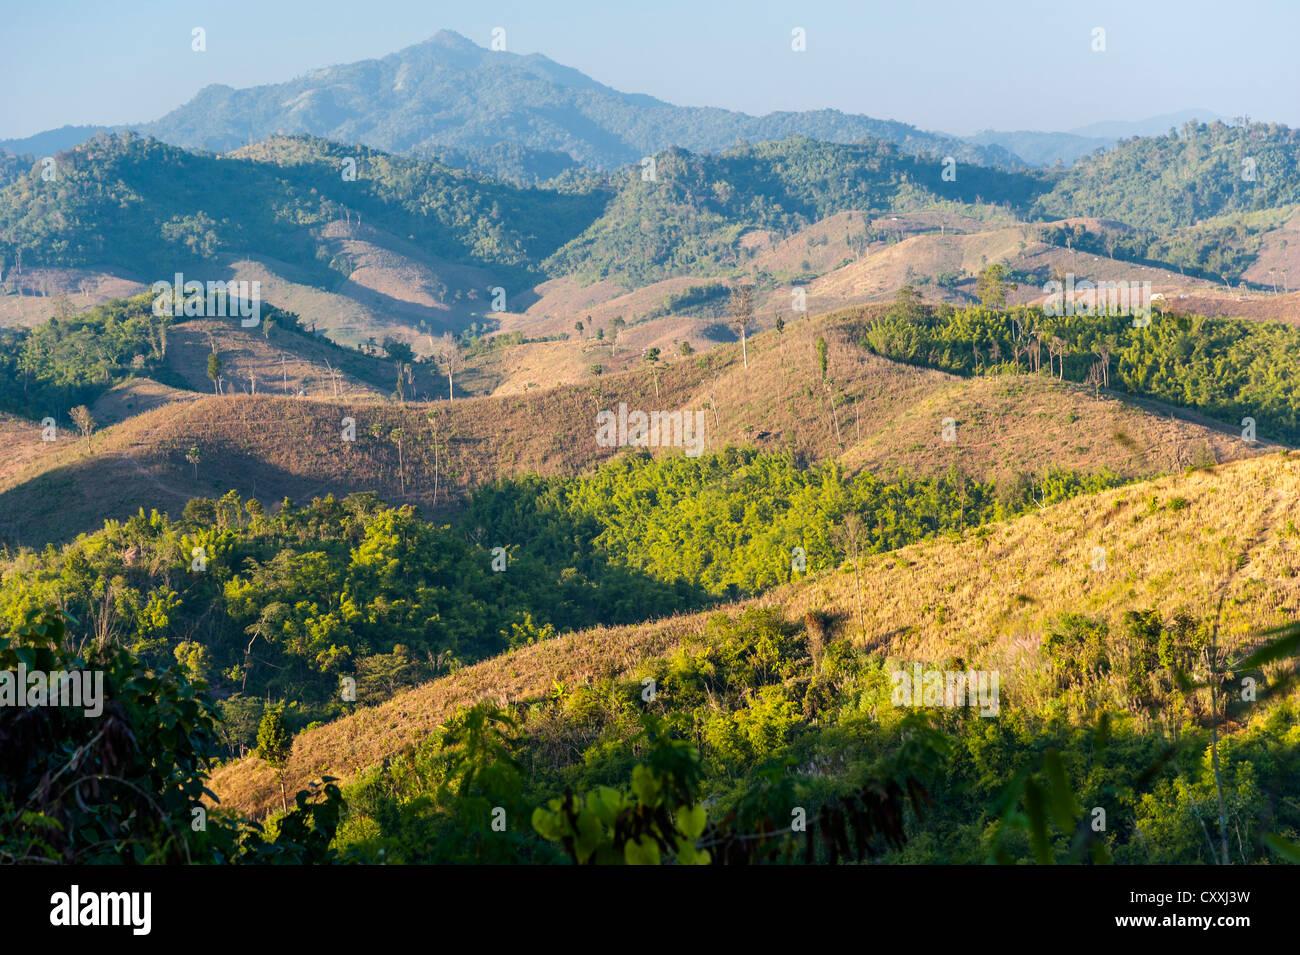 Paesaggio, raccolte di campi di mais, foreste di bambù, Thailandia del Nord della Thailandia, Asia Immagini Stock